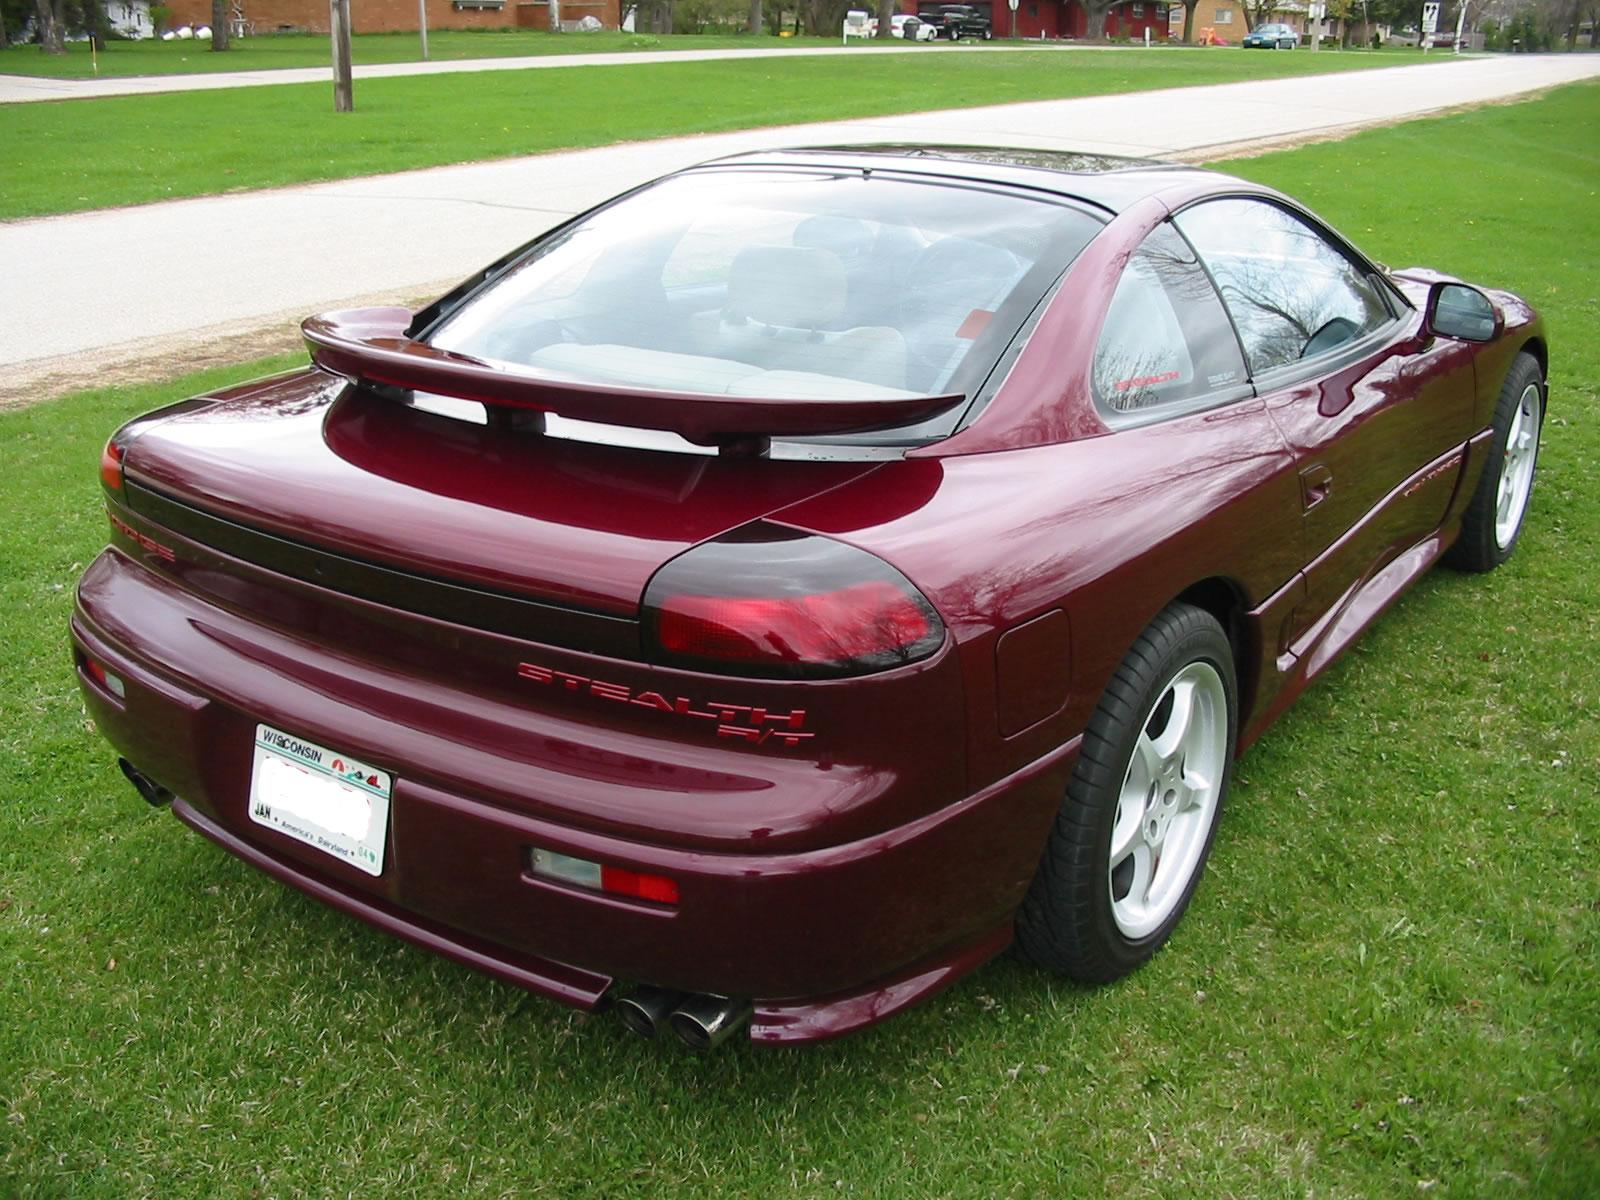 Custom 1999 Mitsubishi 3000gt 32203 also 1999 Dodge Viper likewise 2151 2008 Dodge Magnum 7 together with JR8 moreover Index. on dodge stealth